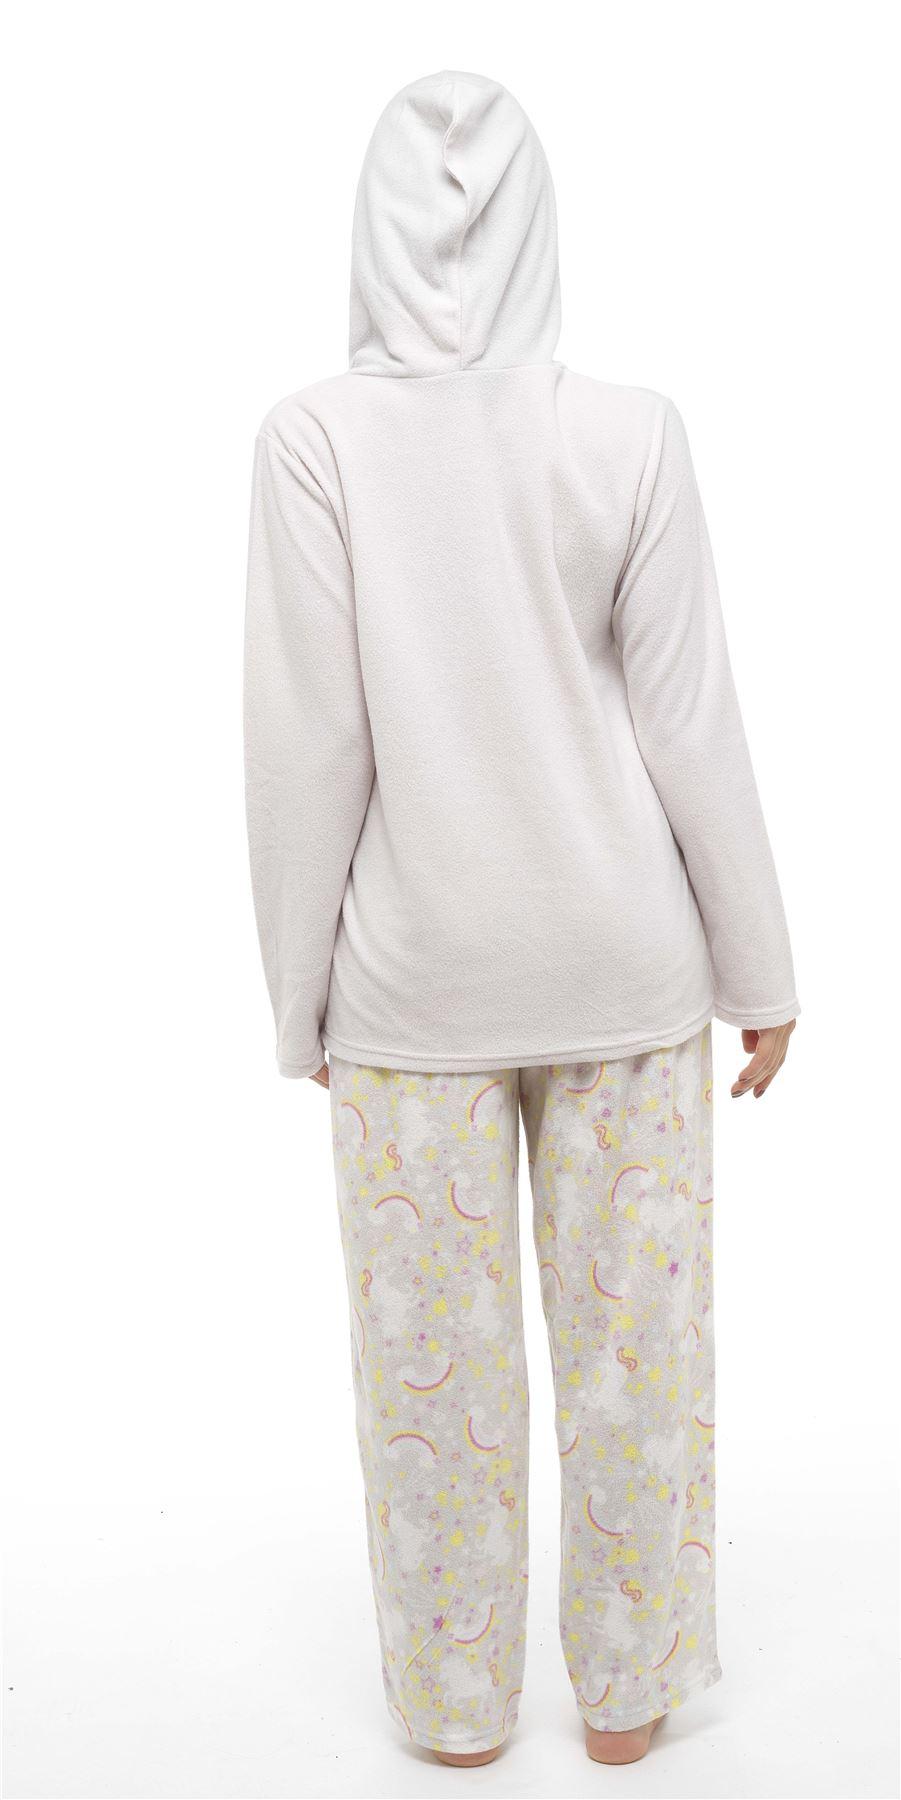 Fleece Top /& Pants Set Nightwear Size 8-18 Ladies Unicorn Hooded Pyjamas